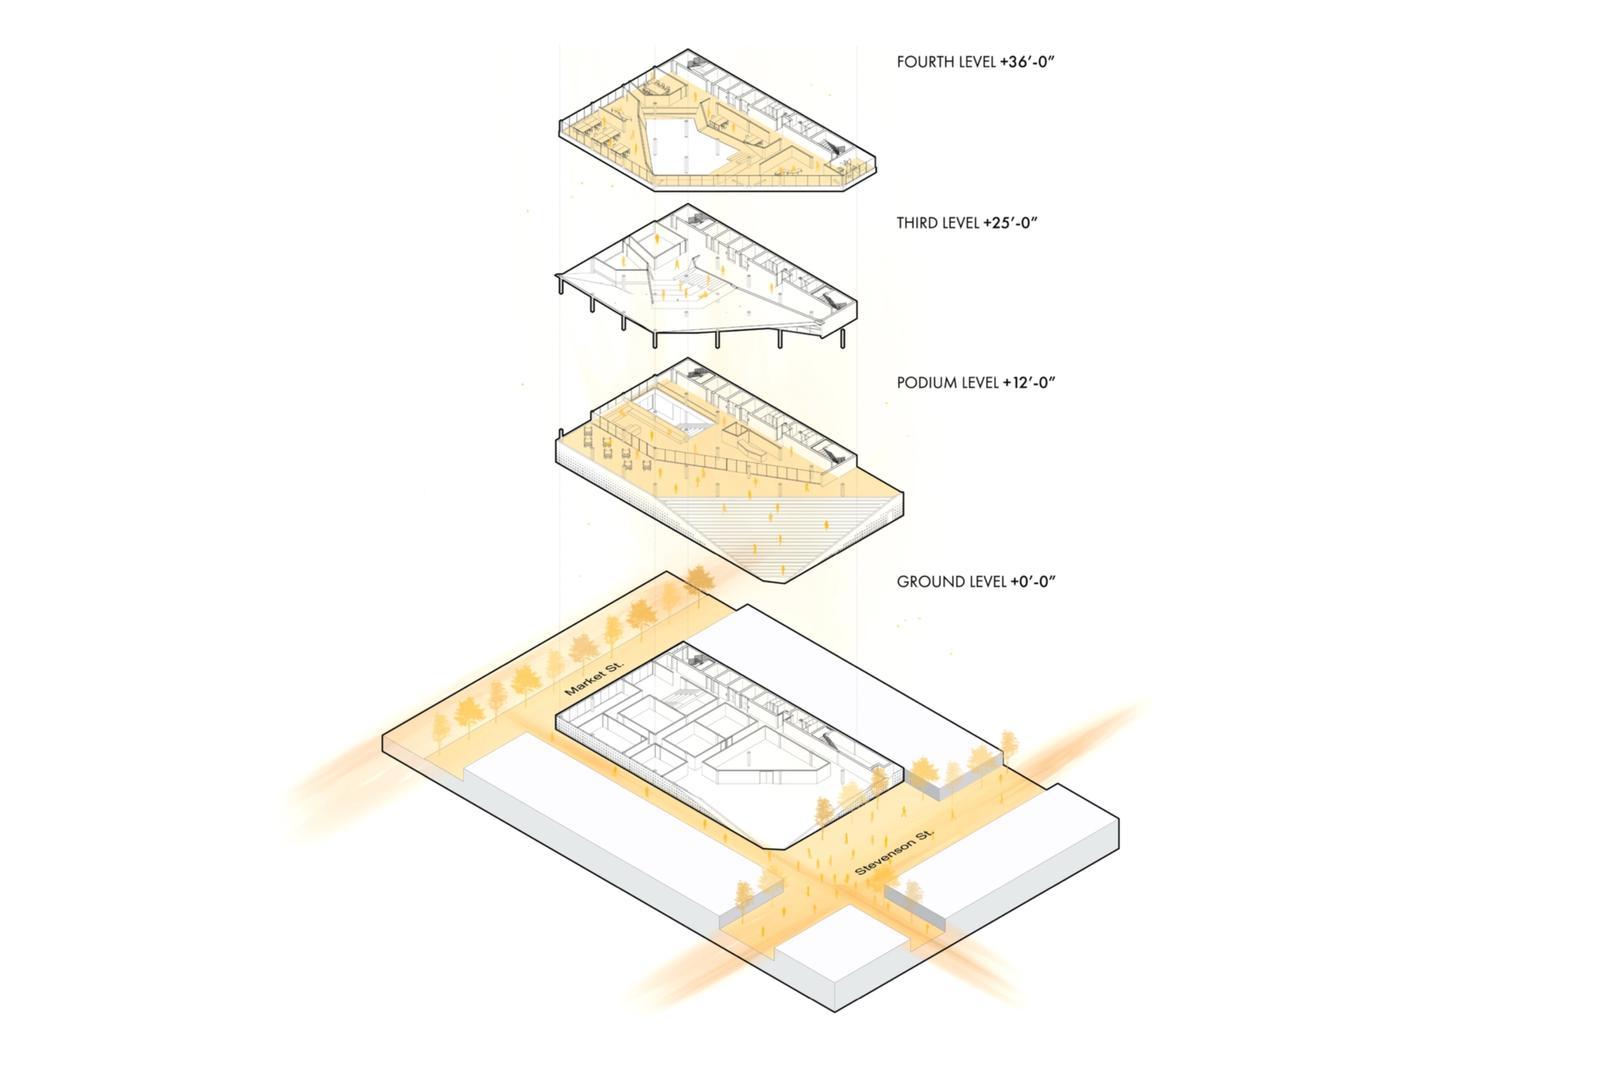 Axonometric of Floor Plans